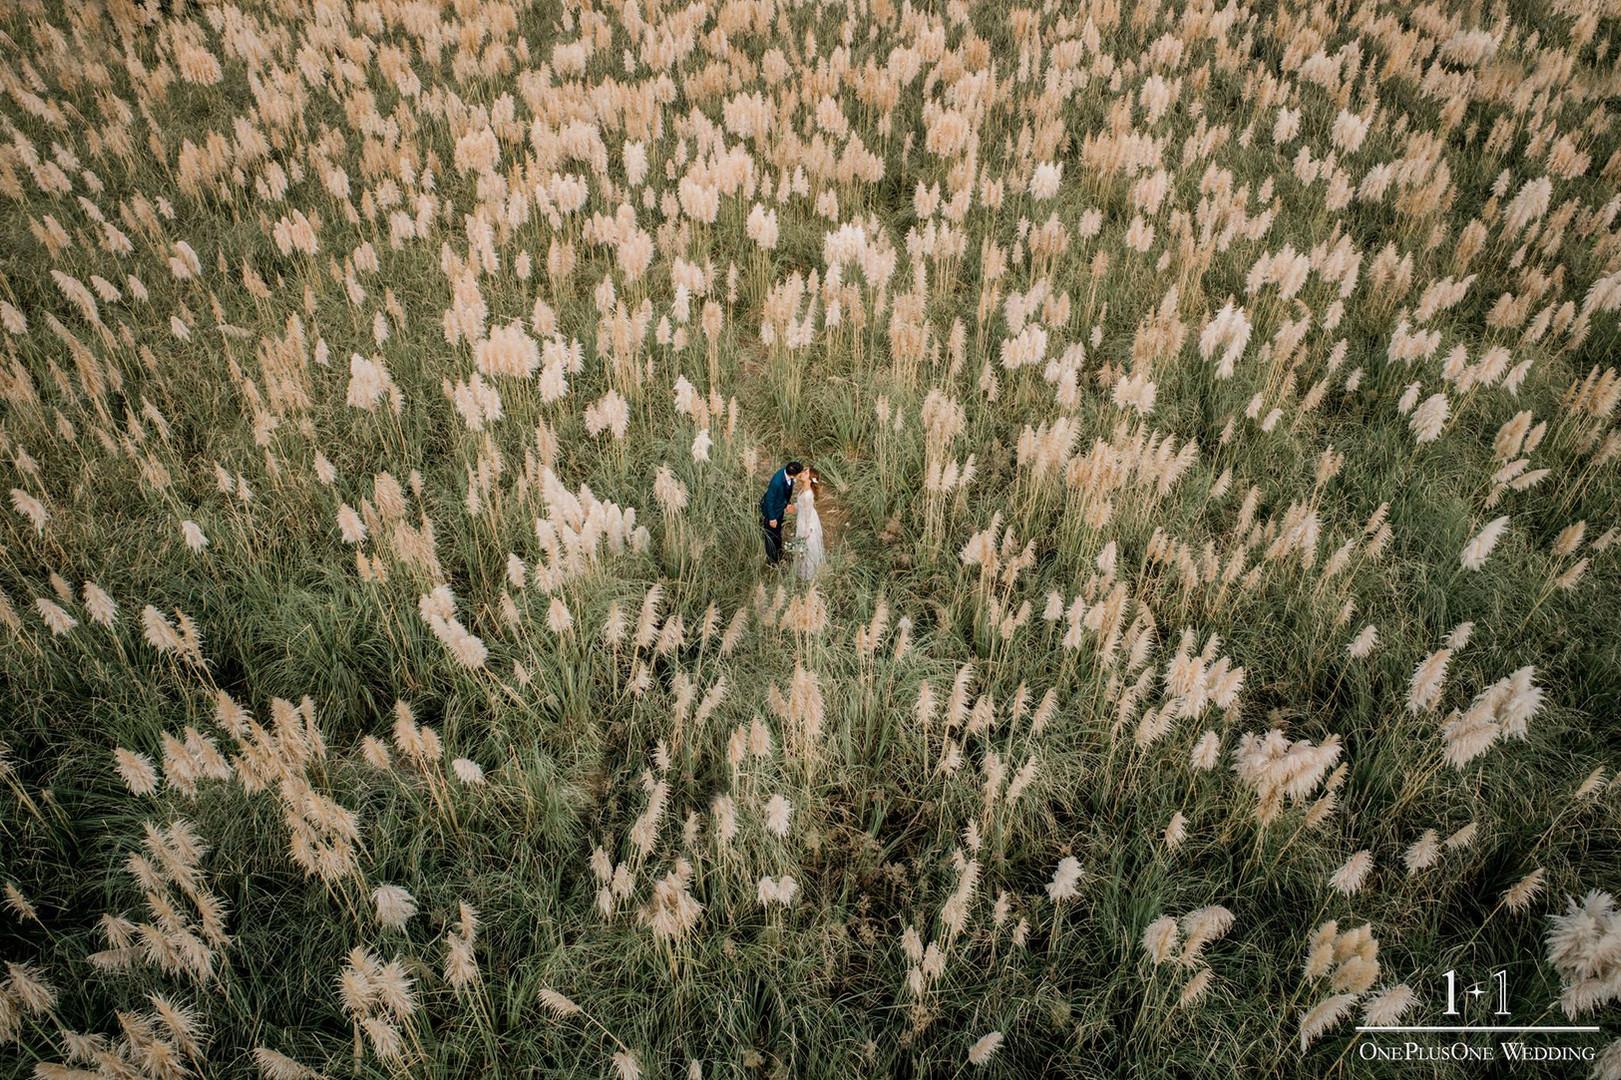 韓國濟州婚紗攝影-四月婚展優惠-39